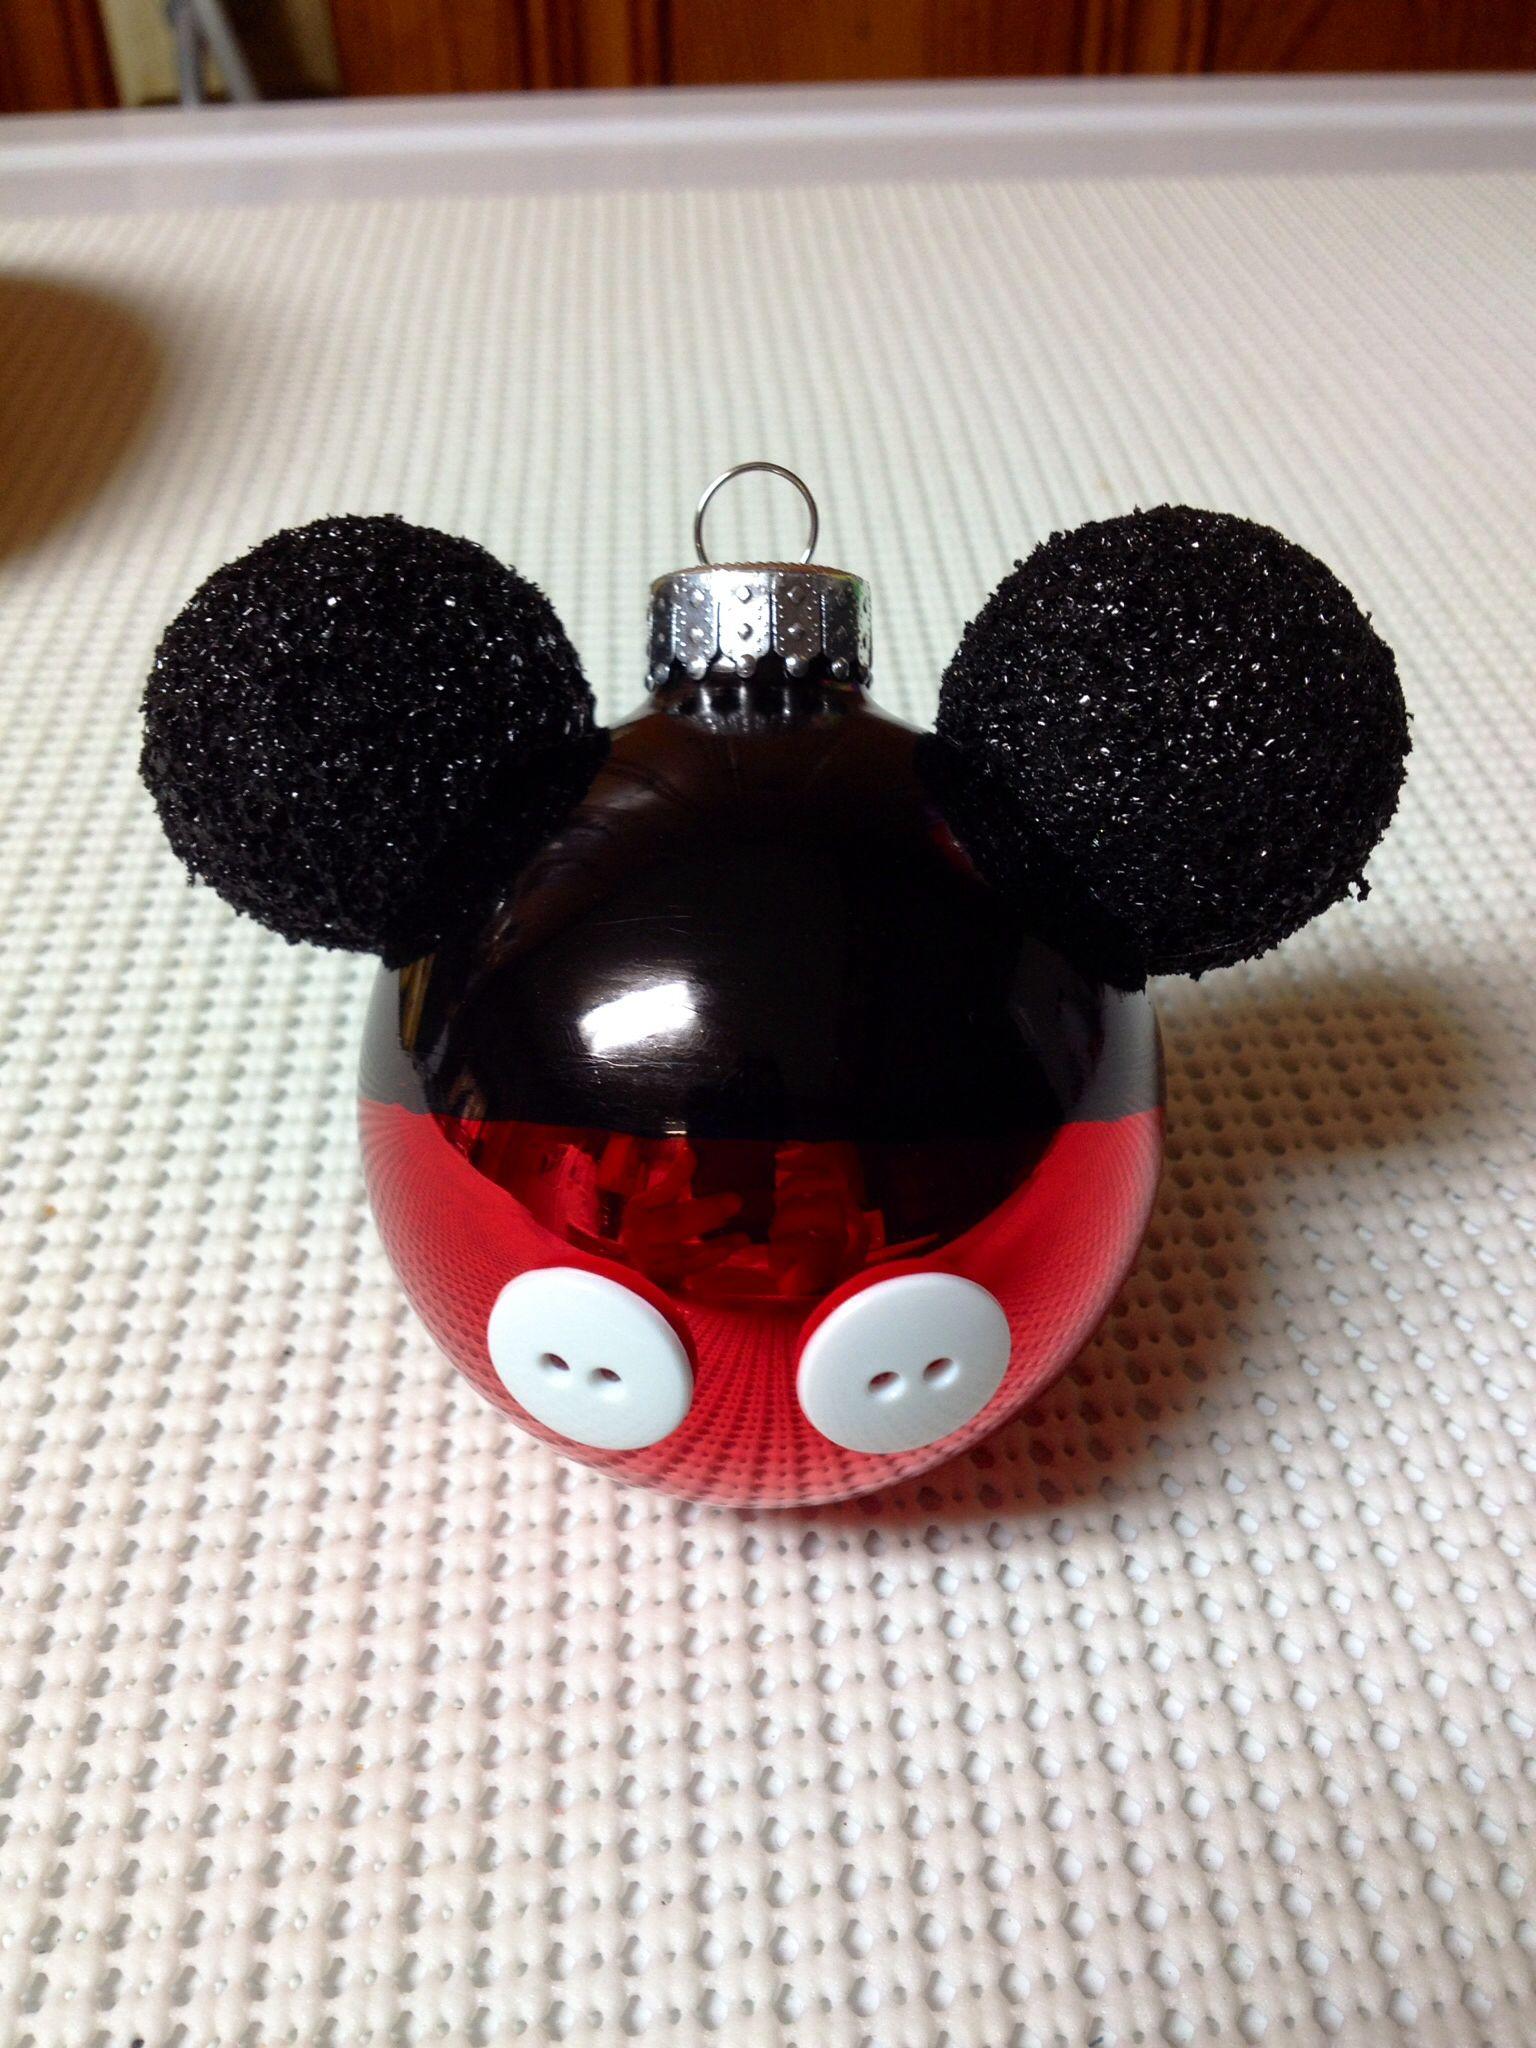 Adornos navidenos mickey mouse regalos populares de navidad for Adornos navidenos mickey mouse